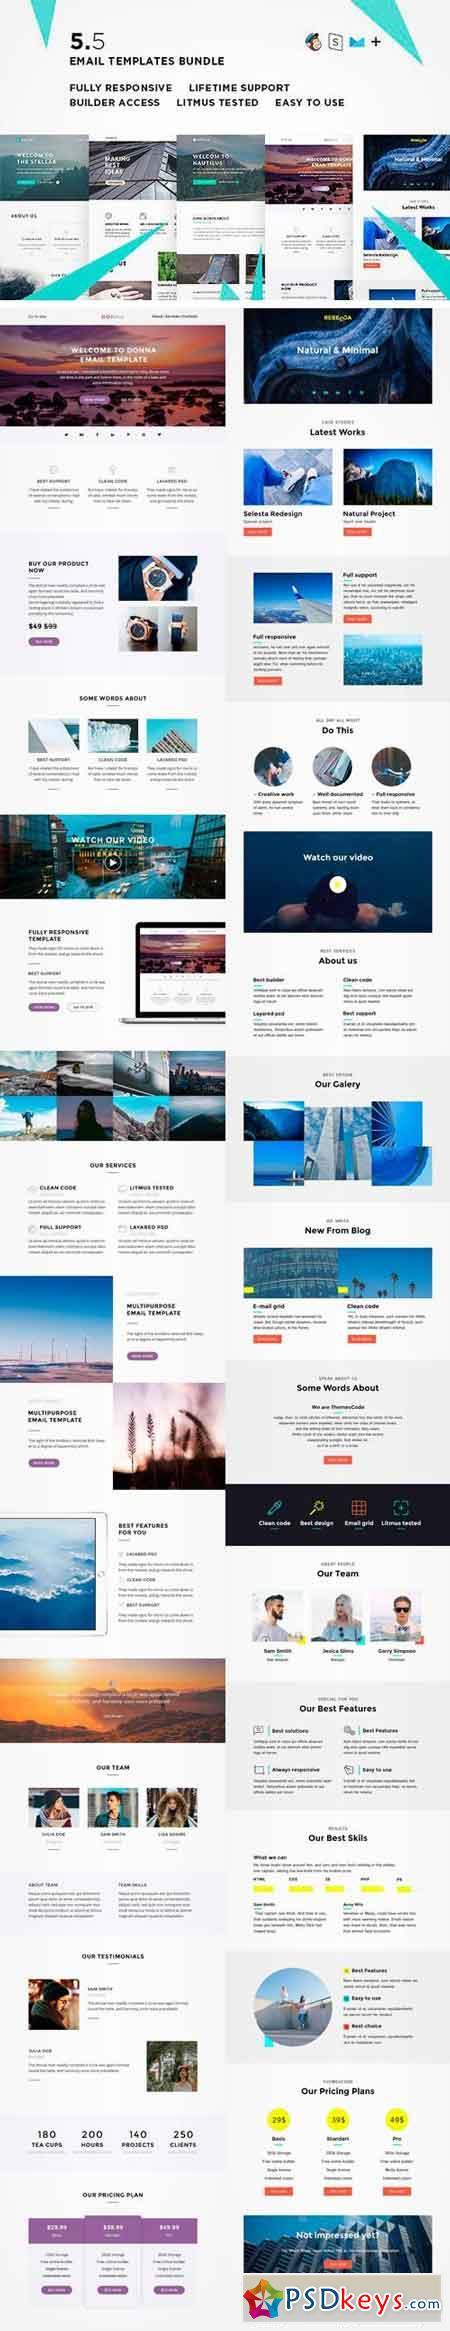 email templates bundle v 1380165